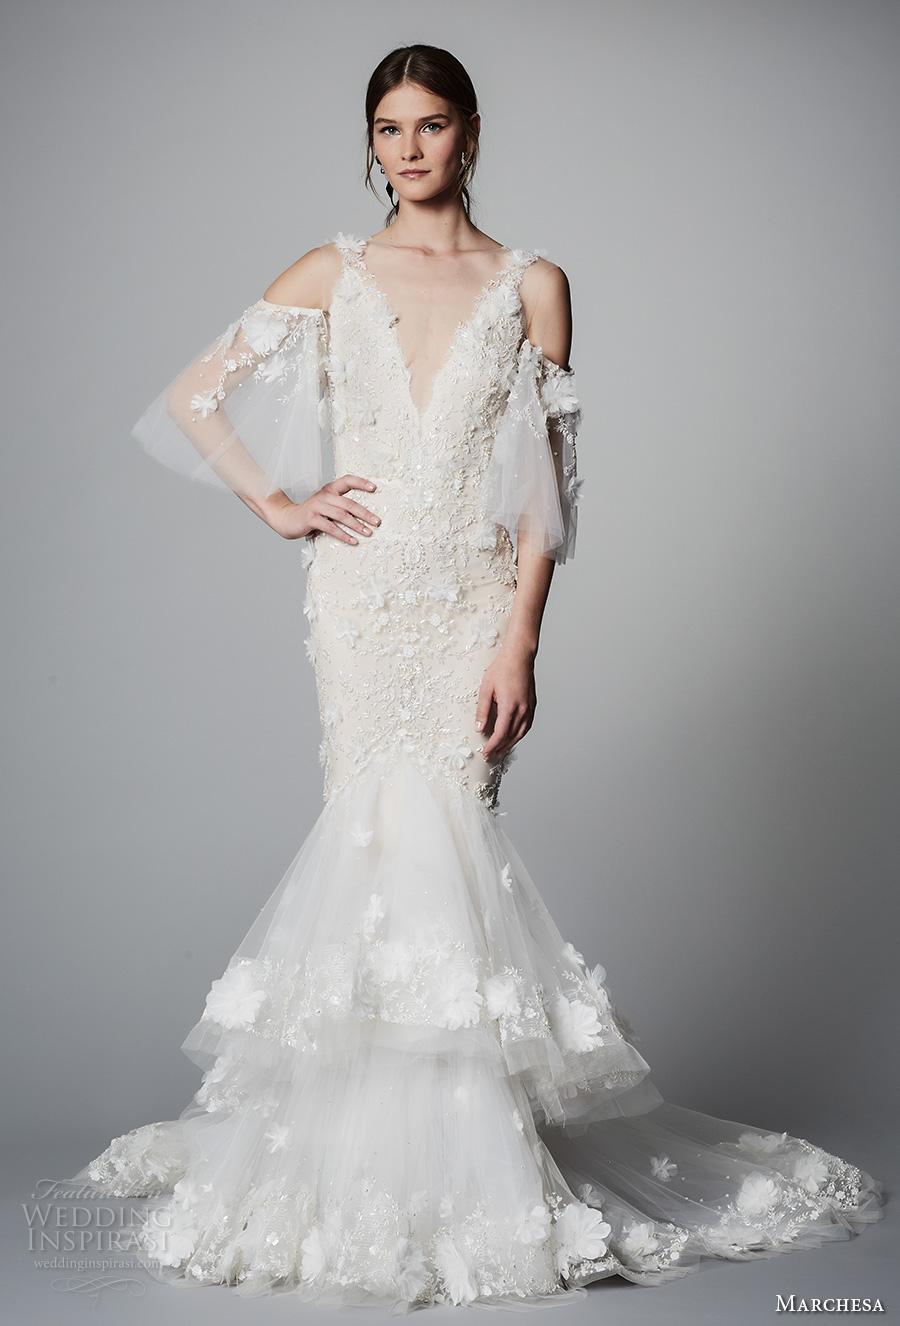 Marchesa Bridal Spring 2018 Wedding Dresses  New York Bridal Fashion Week Presentation